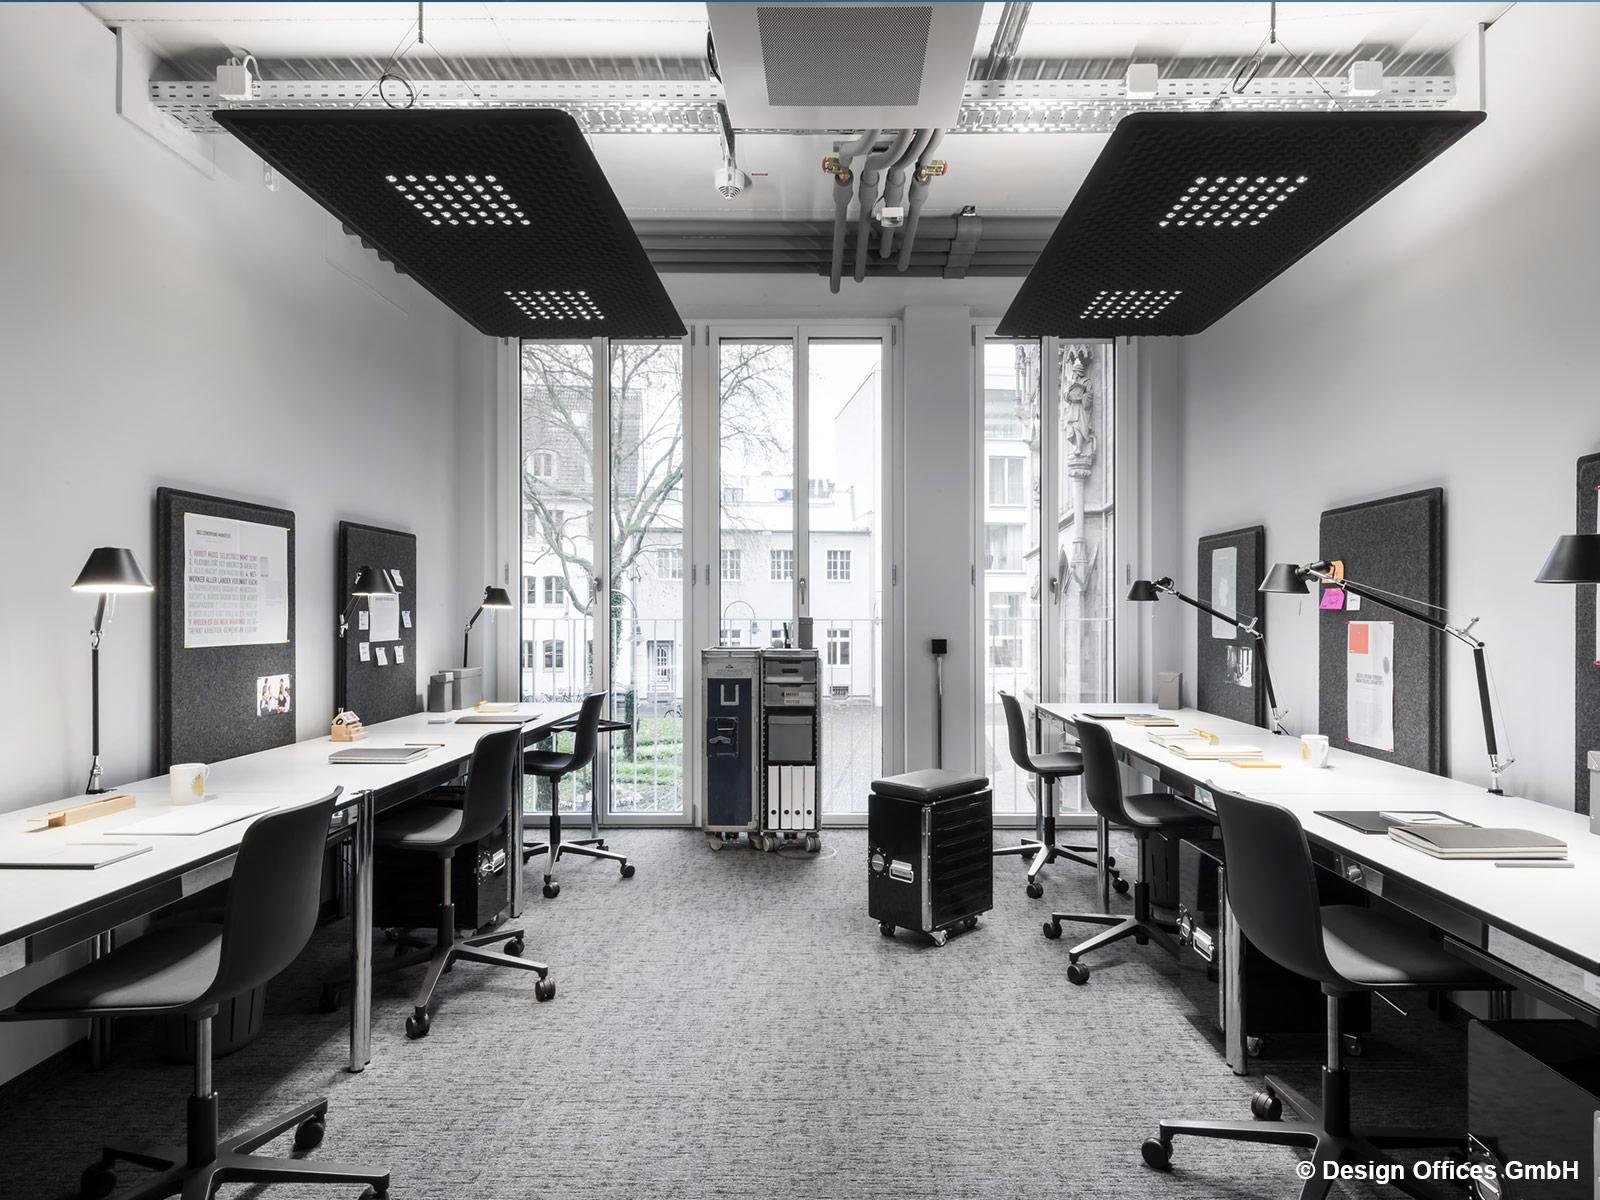 Design Offices München 88 North, Munich